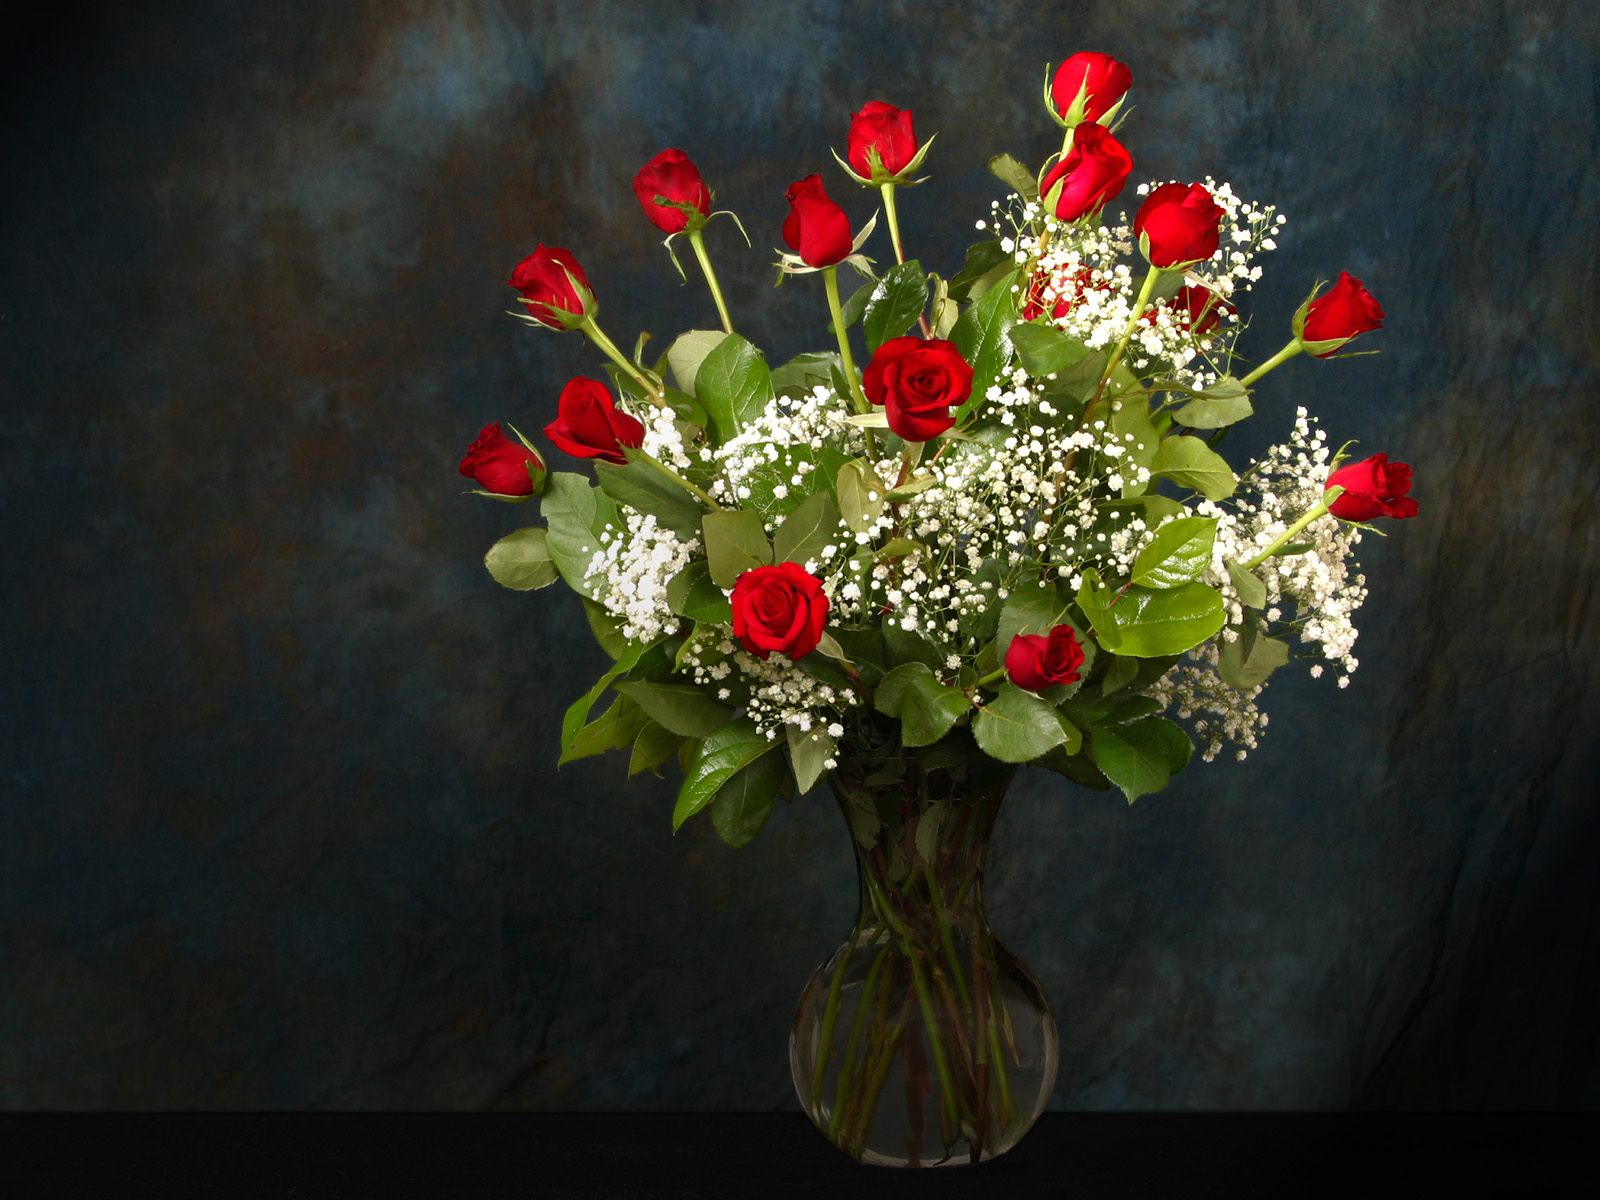 Витончений букет червоних троянд з дрібними білими квіточками листівка фото привітання малюнок картинка